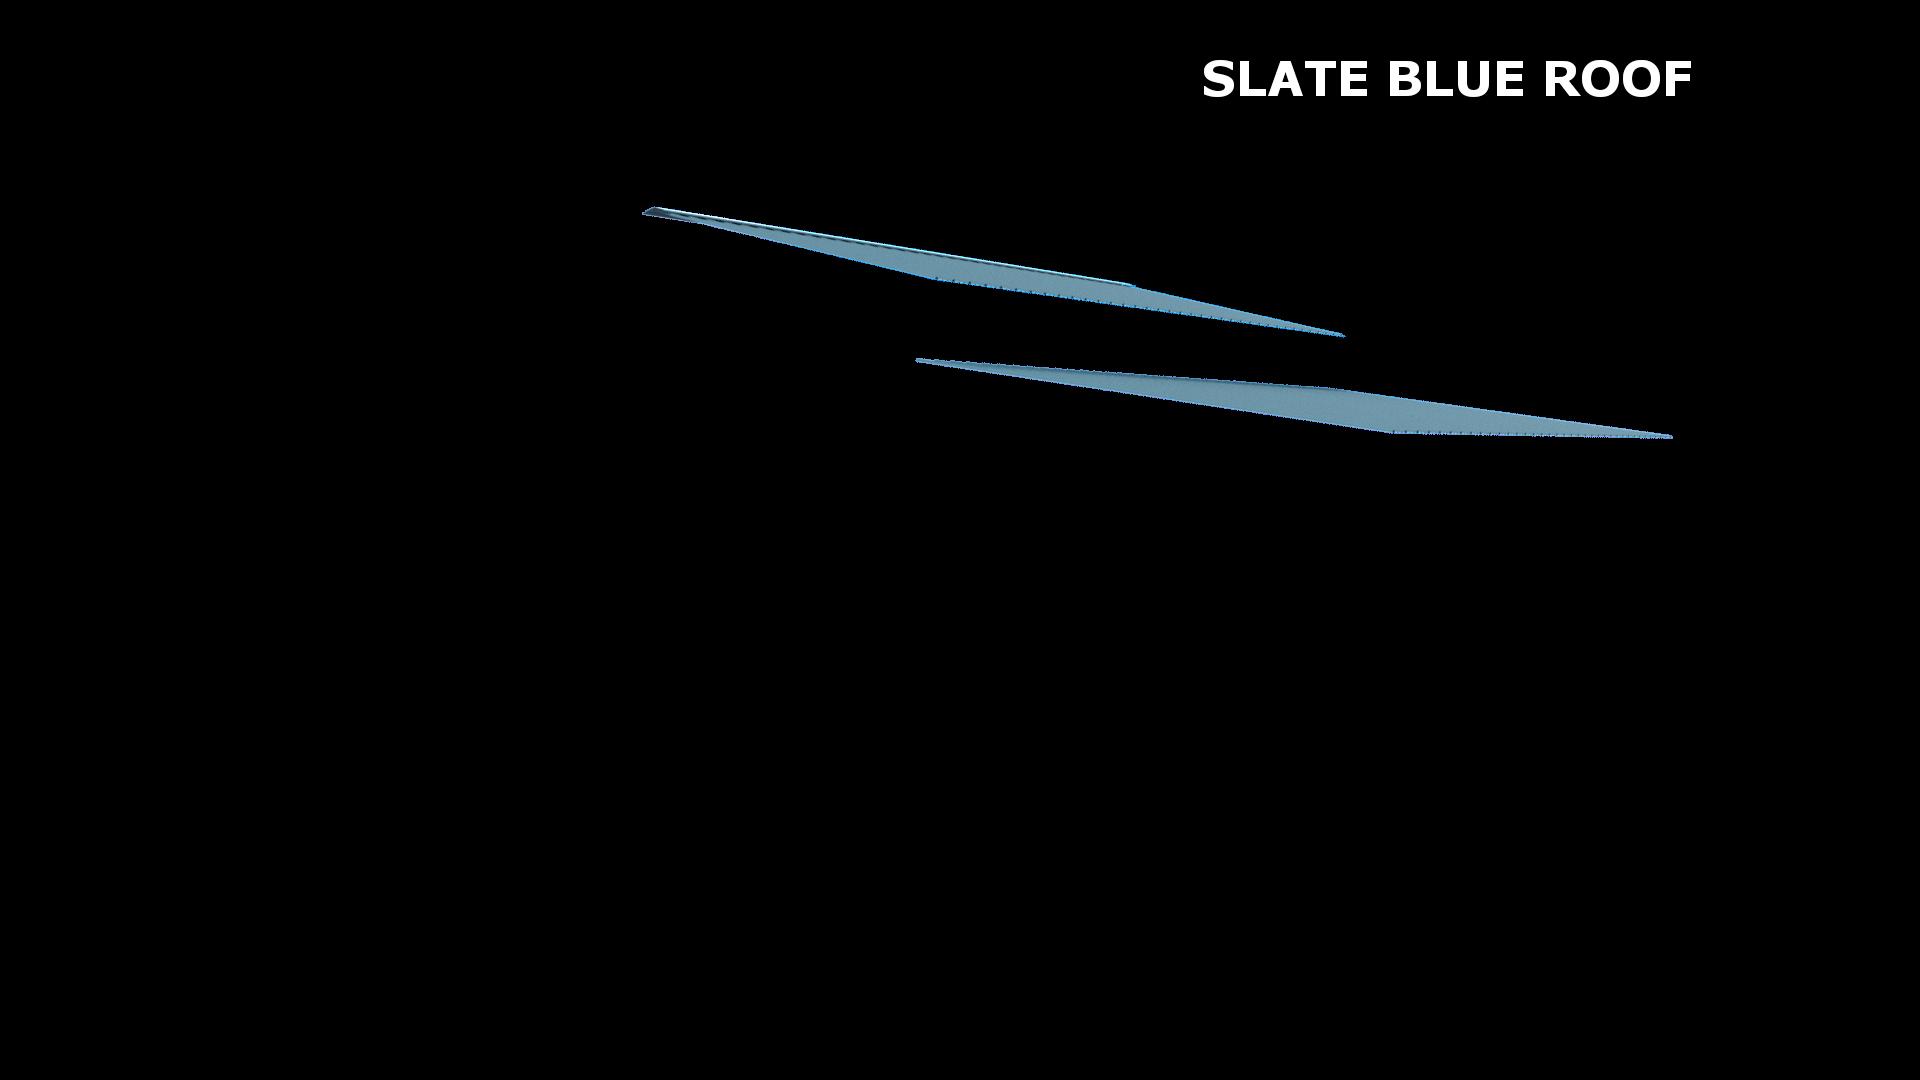 SLATE BLUE ROOF